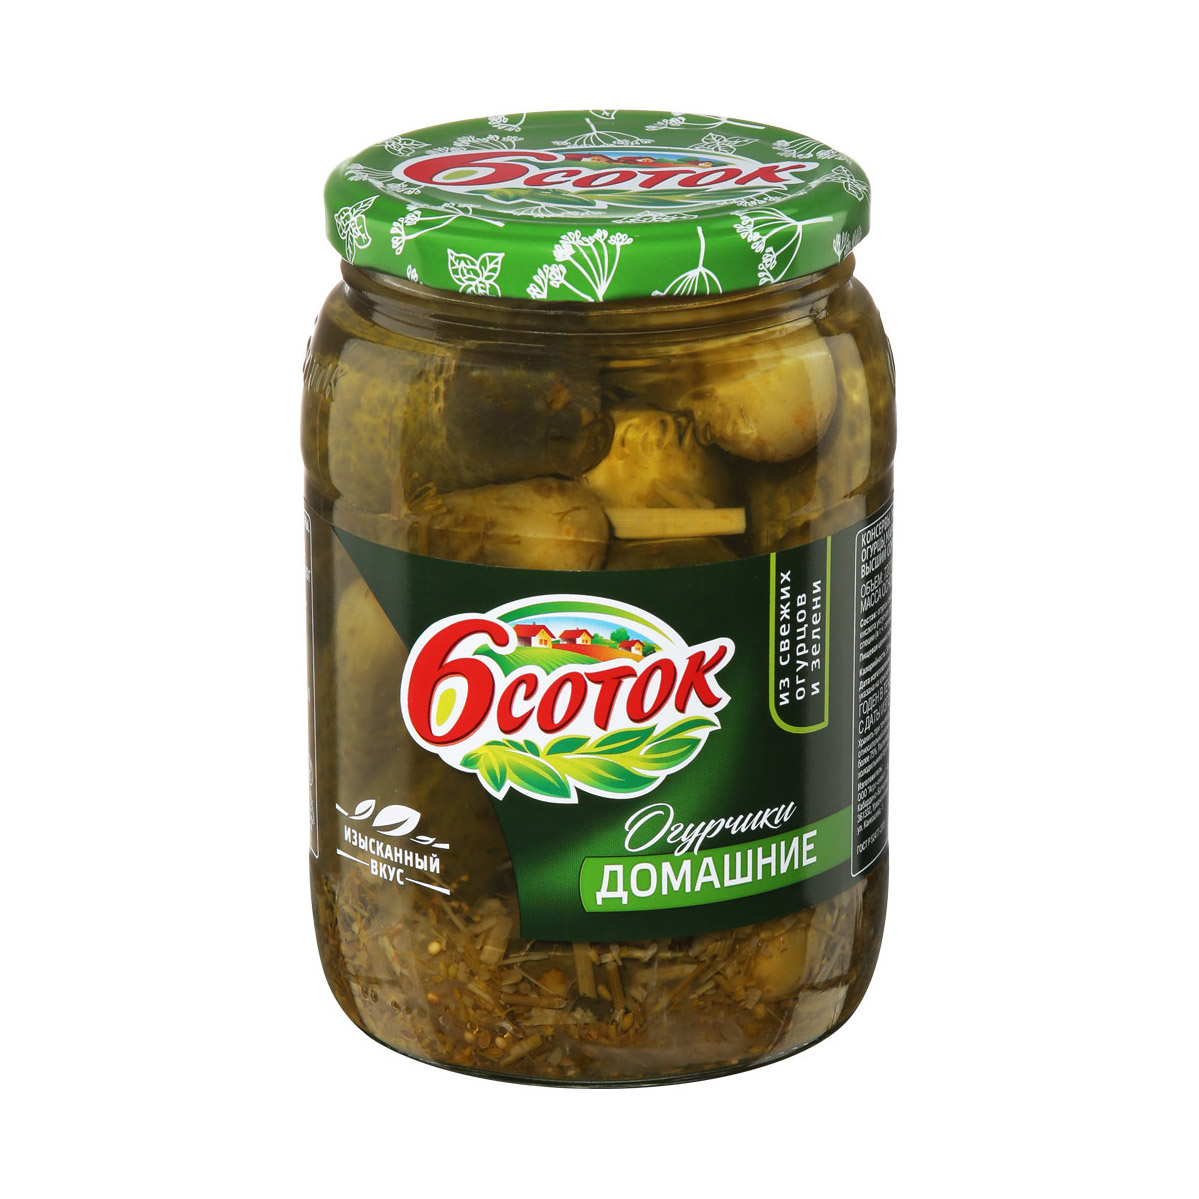 Фото - Огурцы 6 соток домашние 680 г ассорти овощное 6 соток маринованное консервированное 680 г